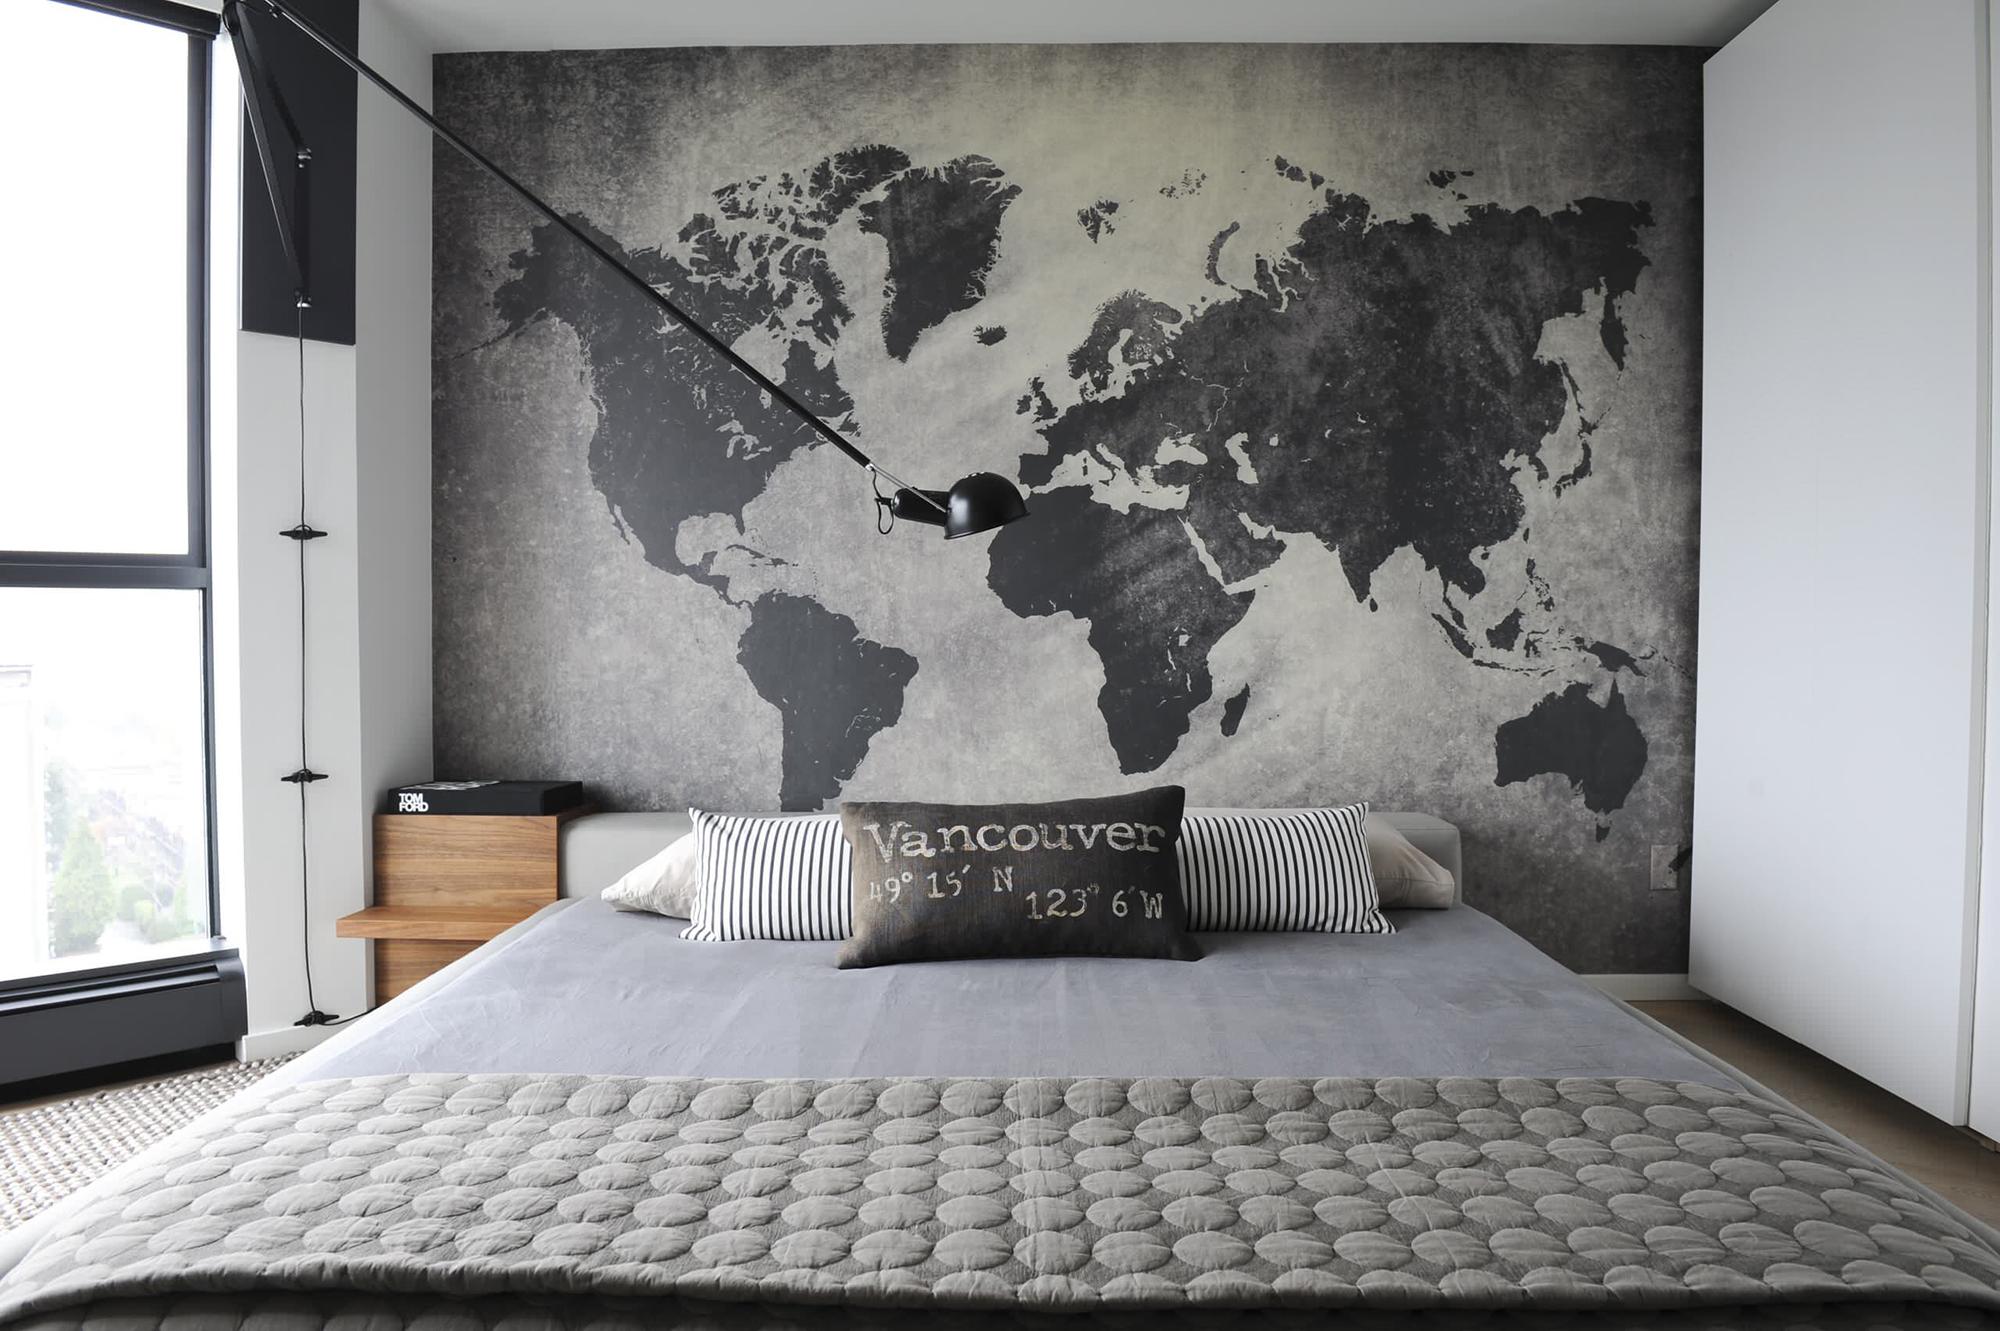 Карта на всю стену в изголовье кровати